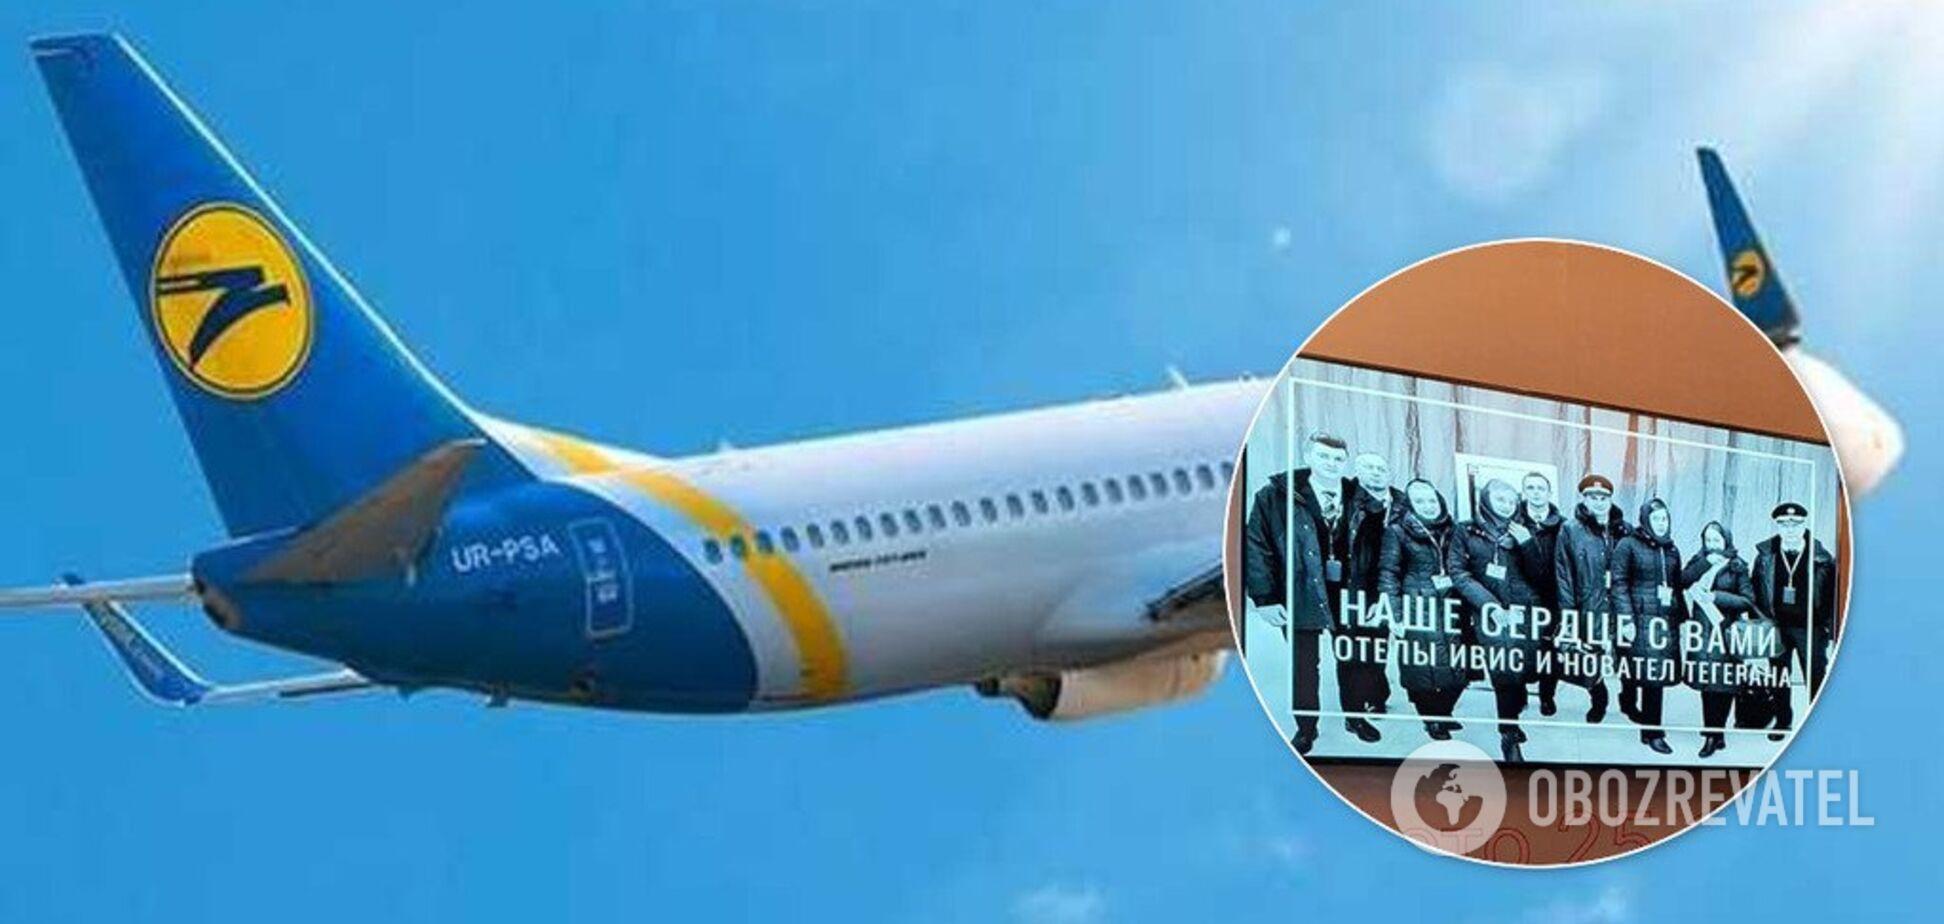 'Наше серце з вами': у готелі Ірану розмістили фото 'янголів' літака МАУ